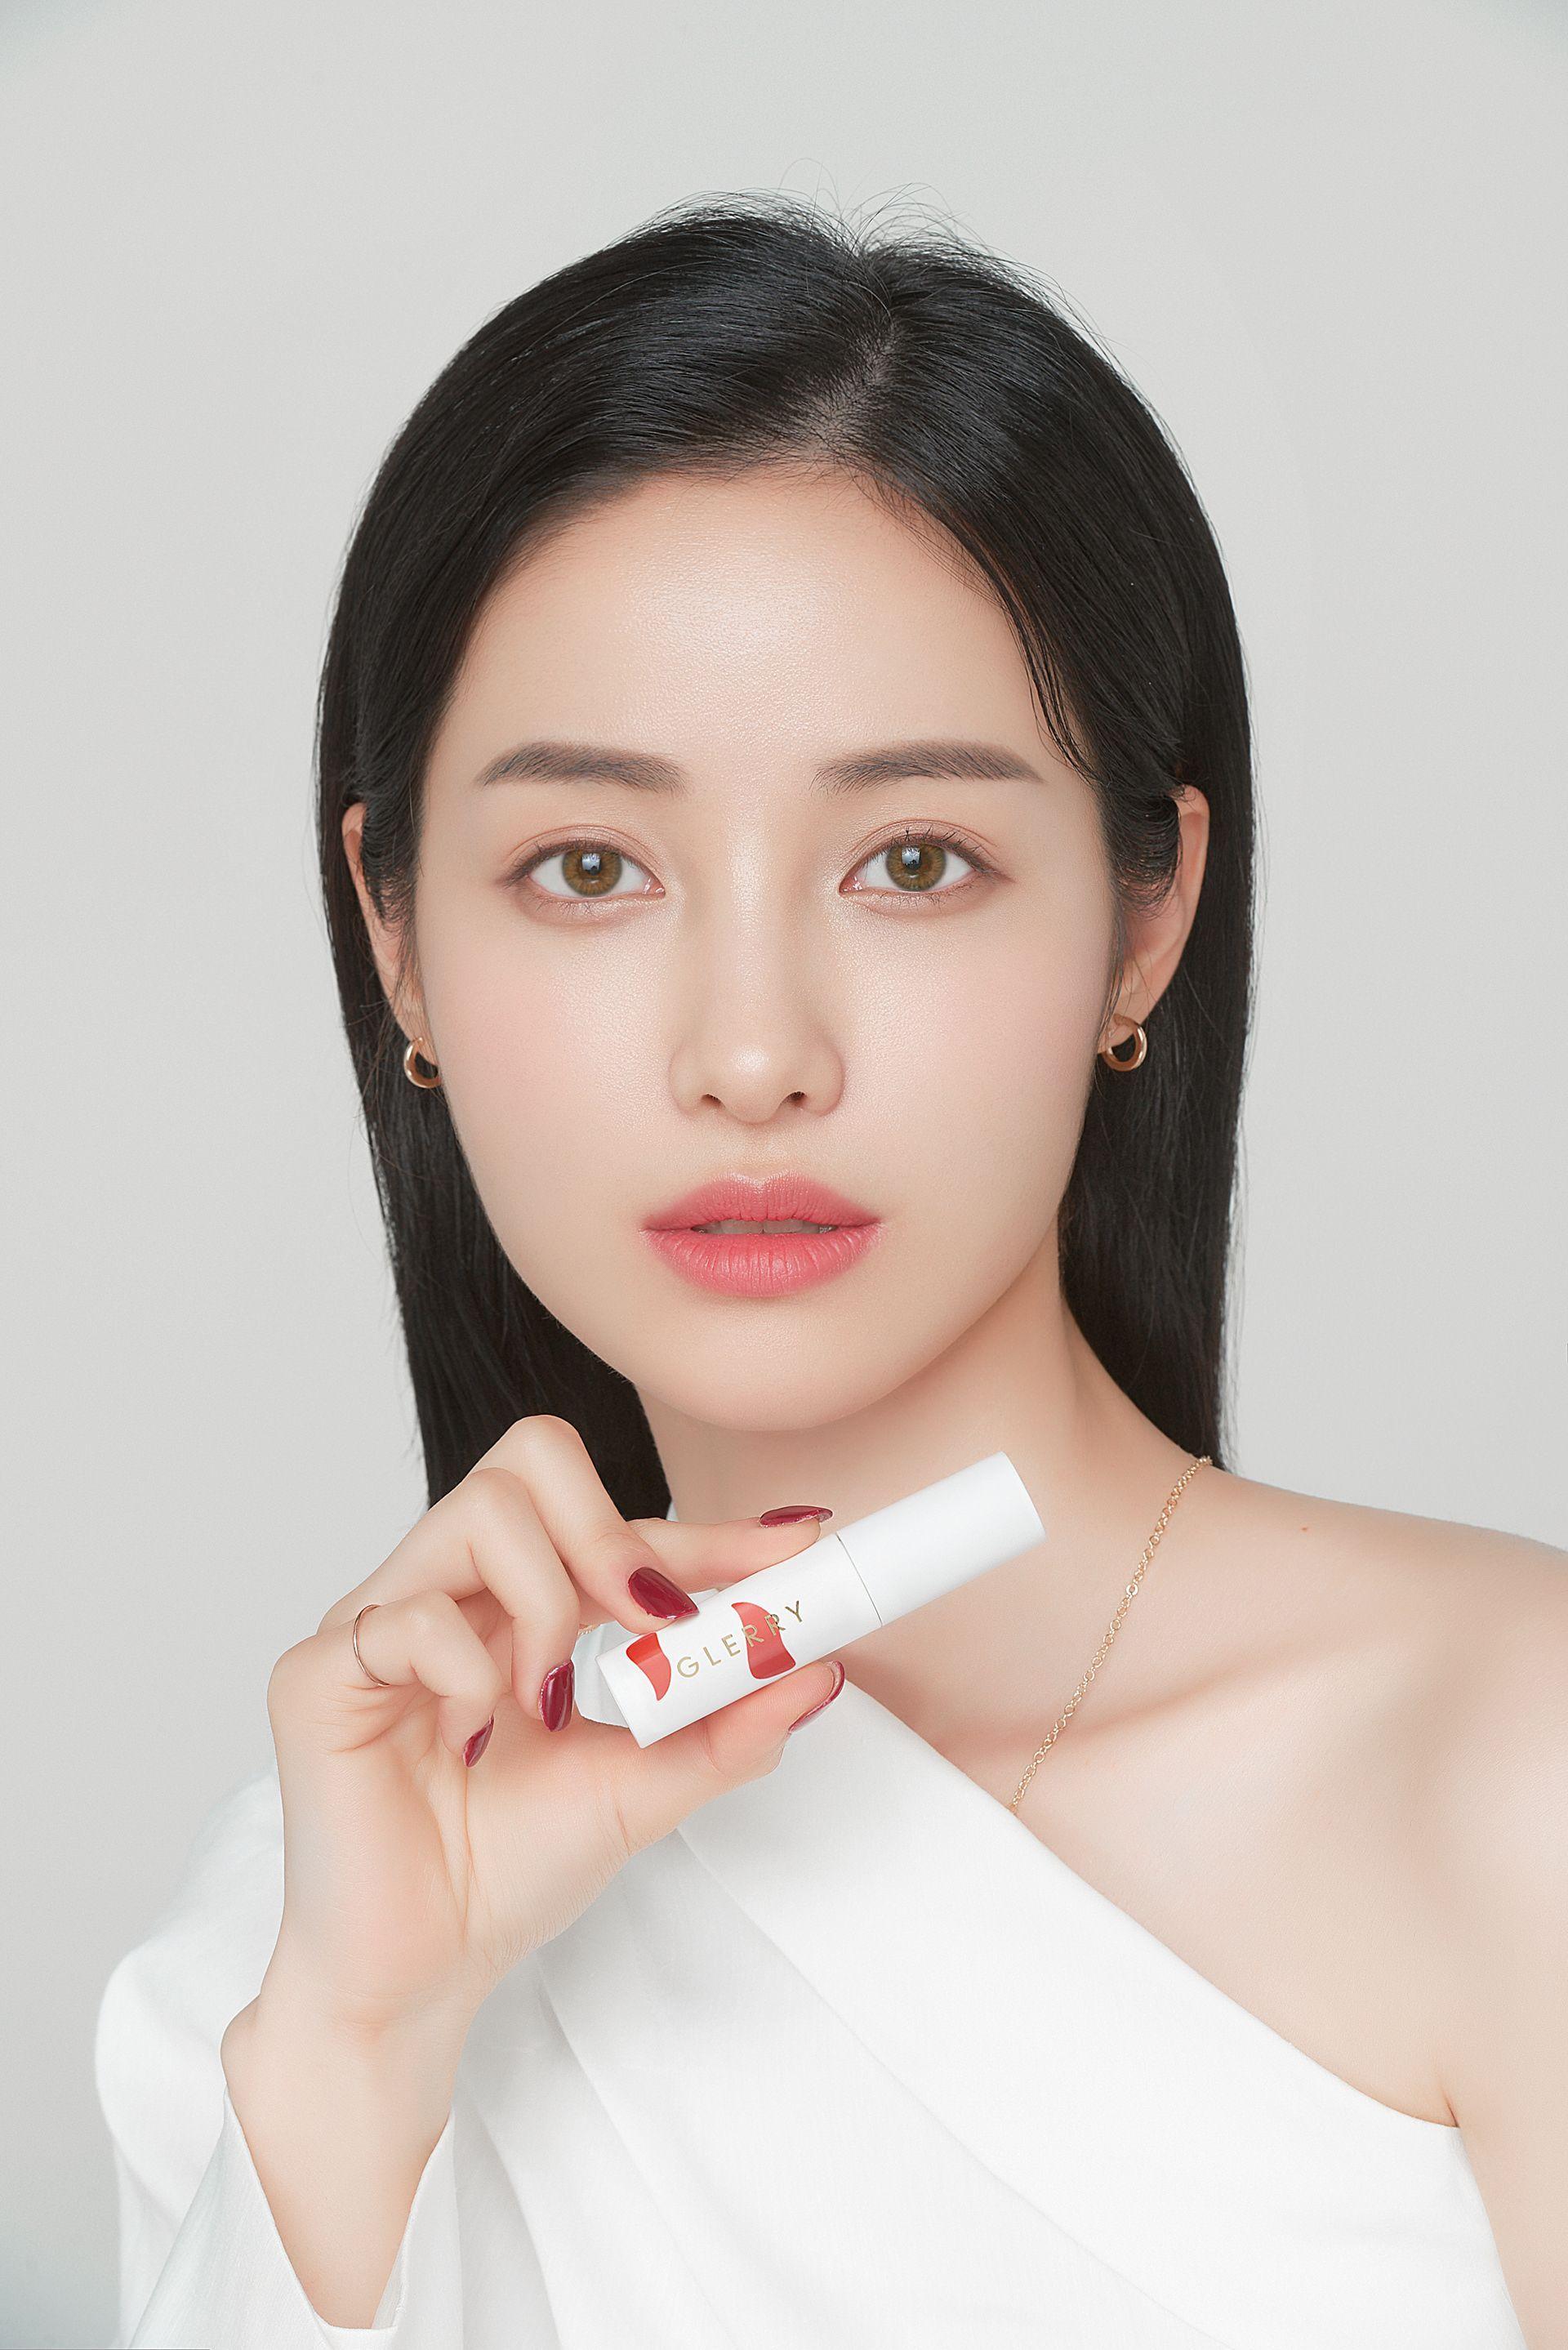 Hea Lin Kwon on Behance Asian makeup Asianmakeup Asian